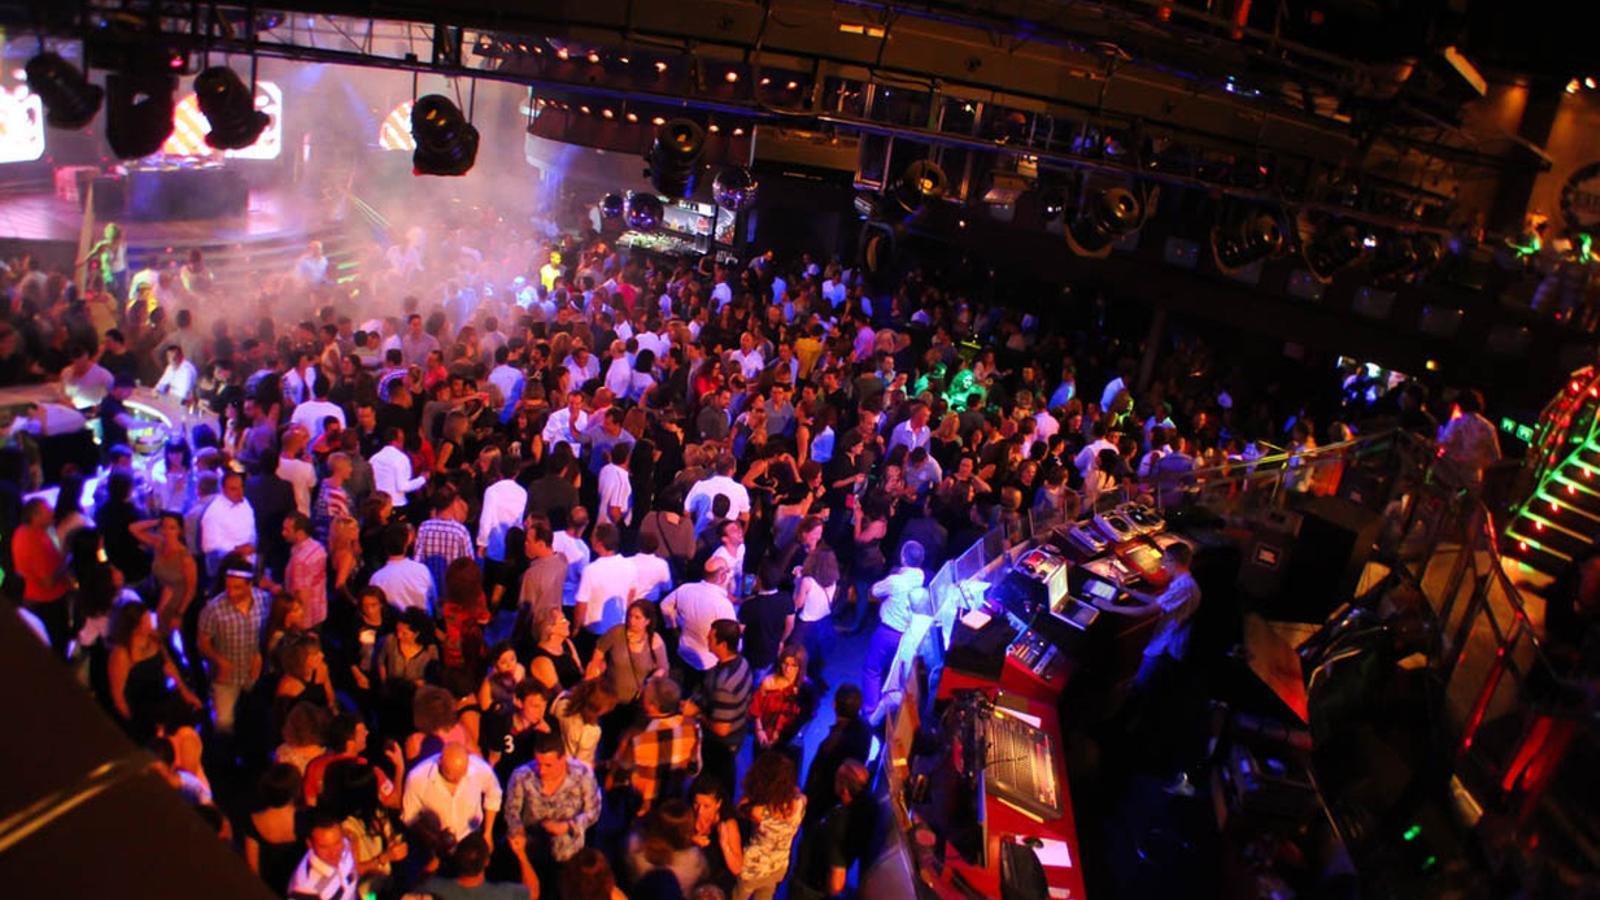 Imatge de la discoteca Big Ben de Mollerussa / Big Ben